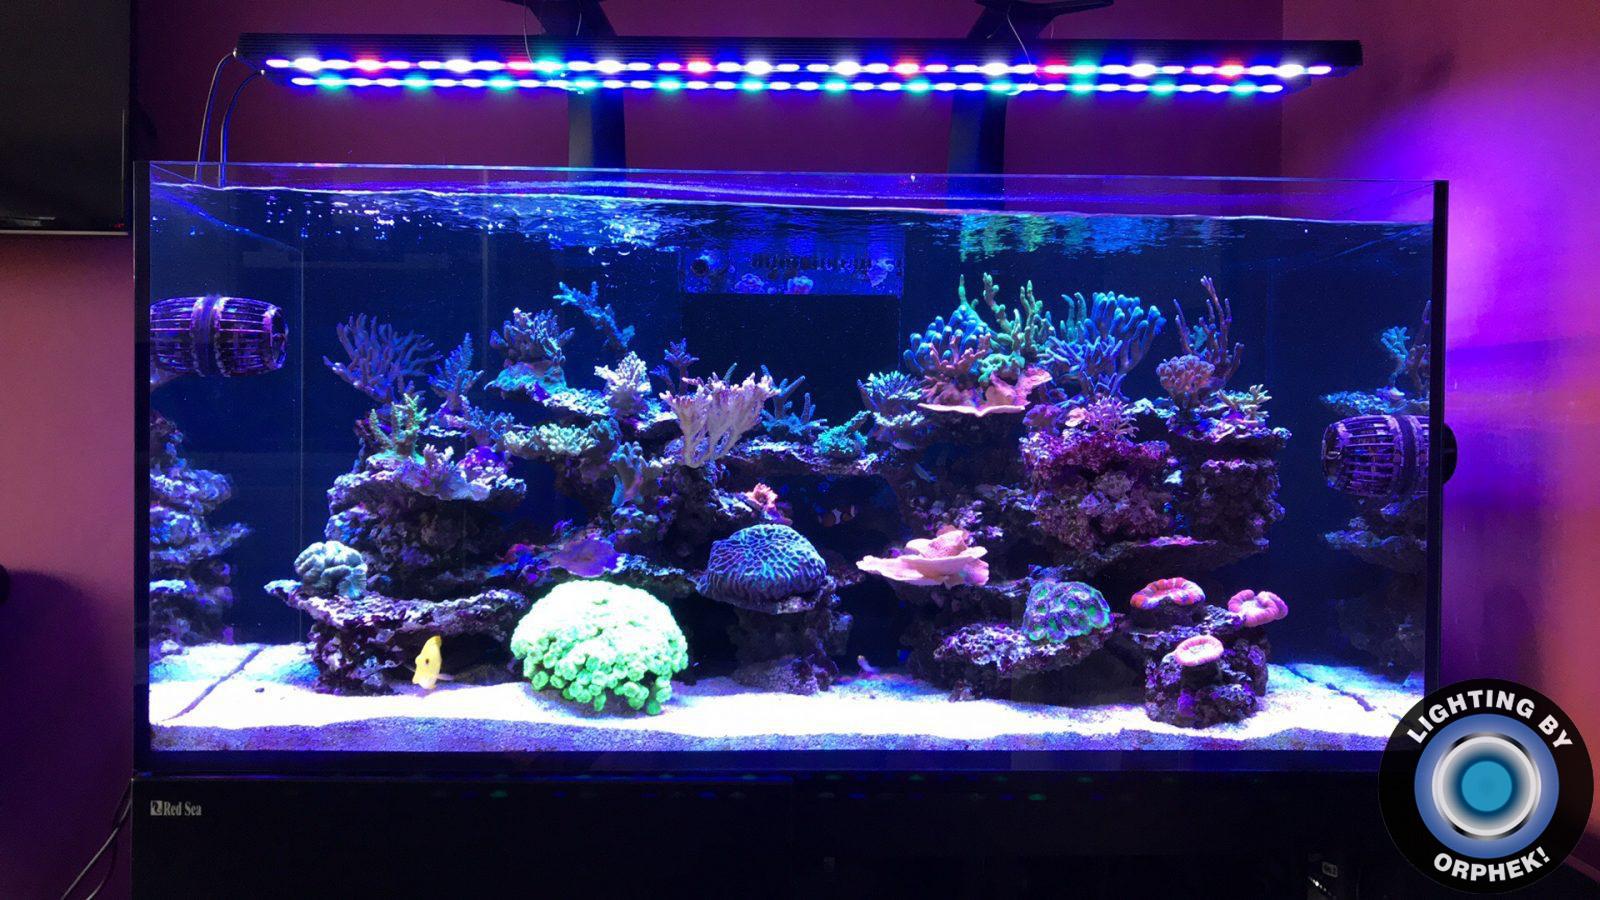 лучшая рифовая аквариумная светодиодная лента 2020